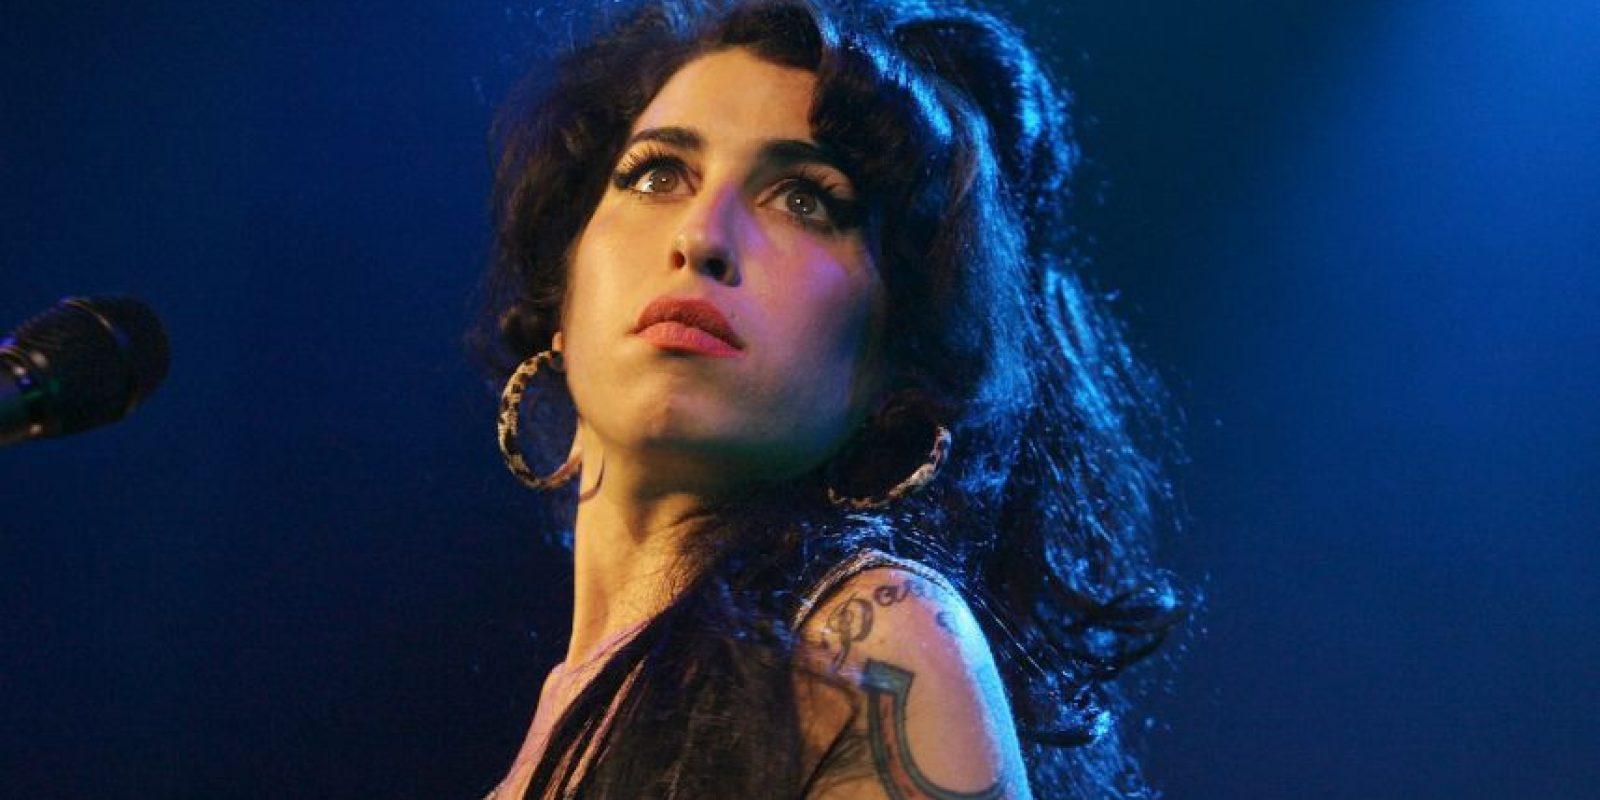 El documental tiene por objetivo recuperar la figura de la cantante. Foto:Getty